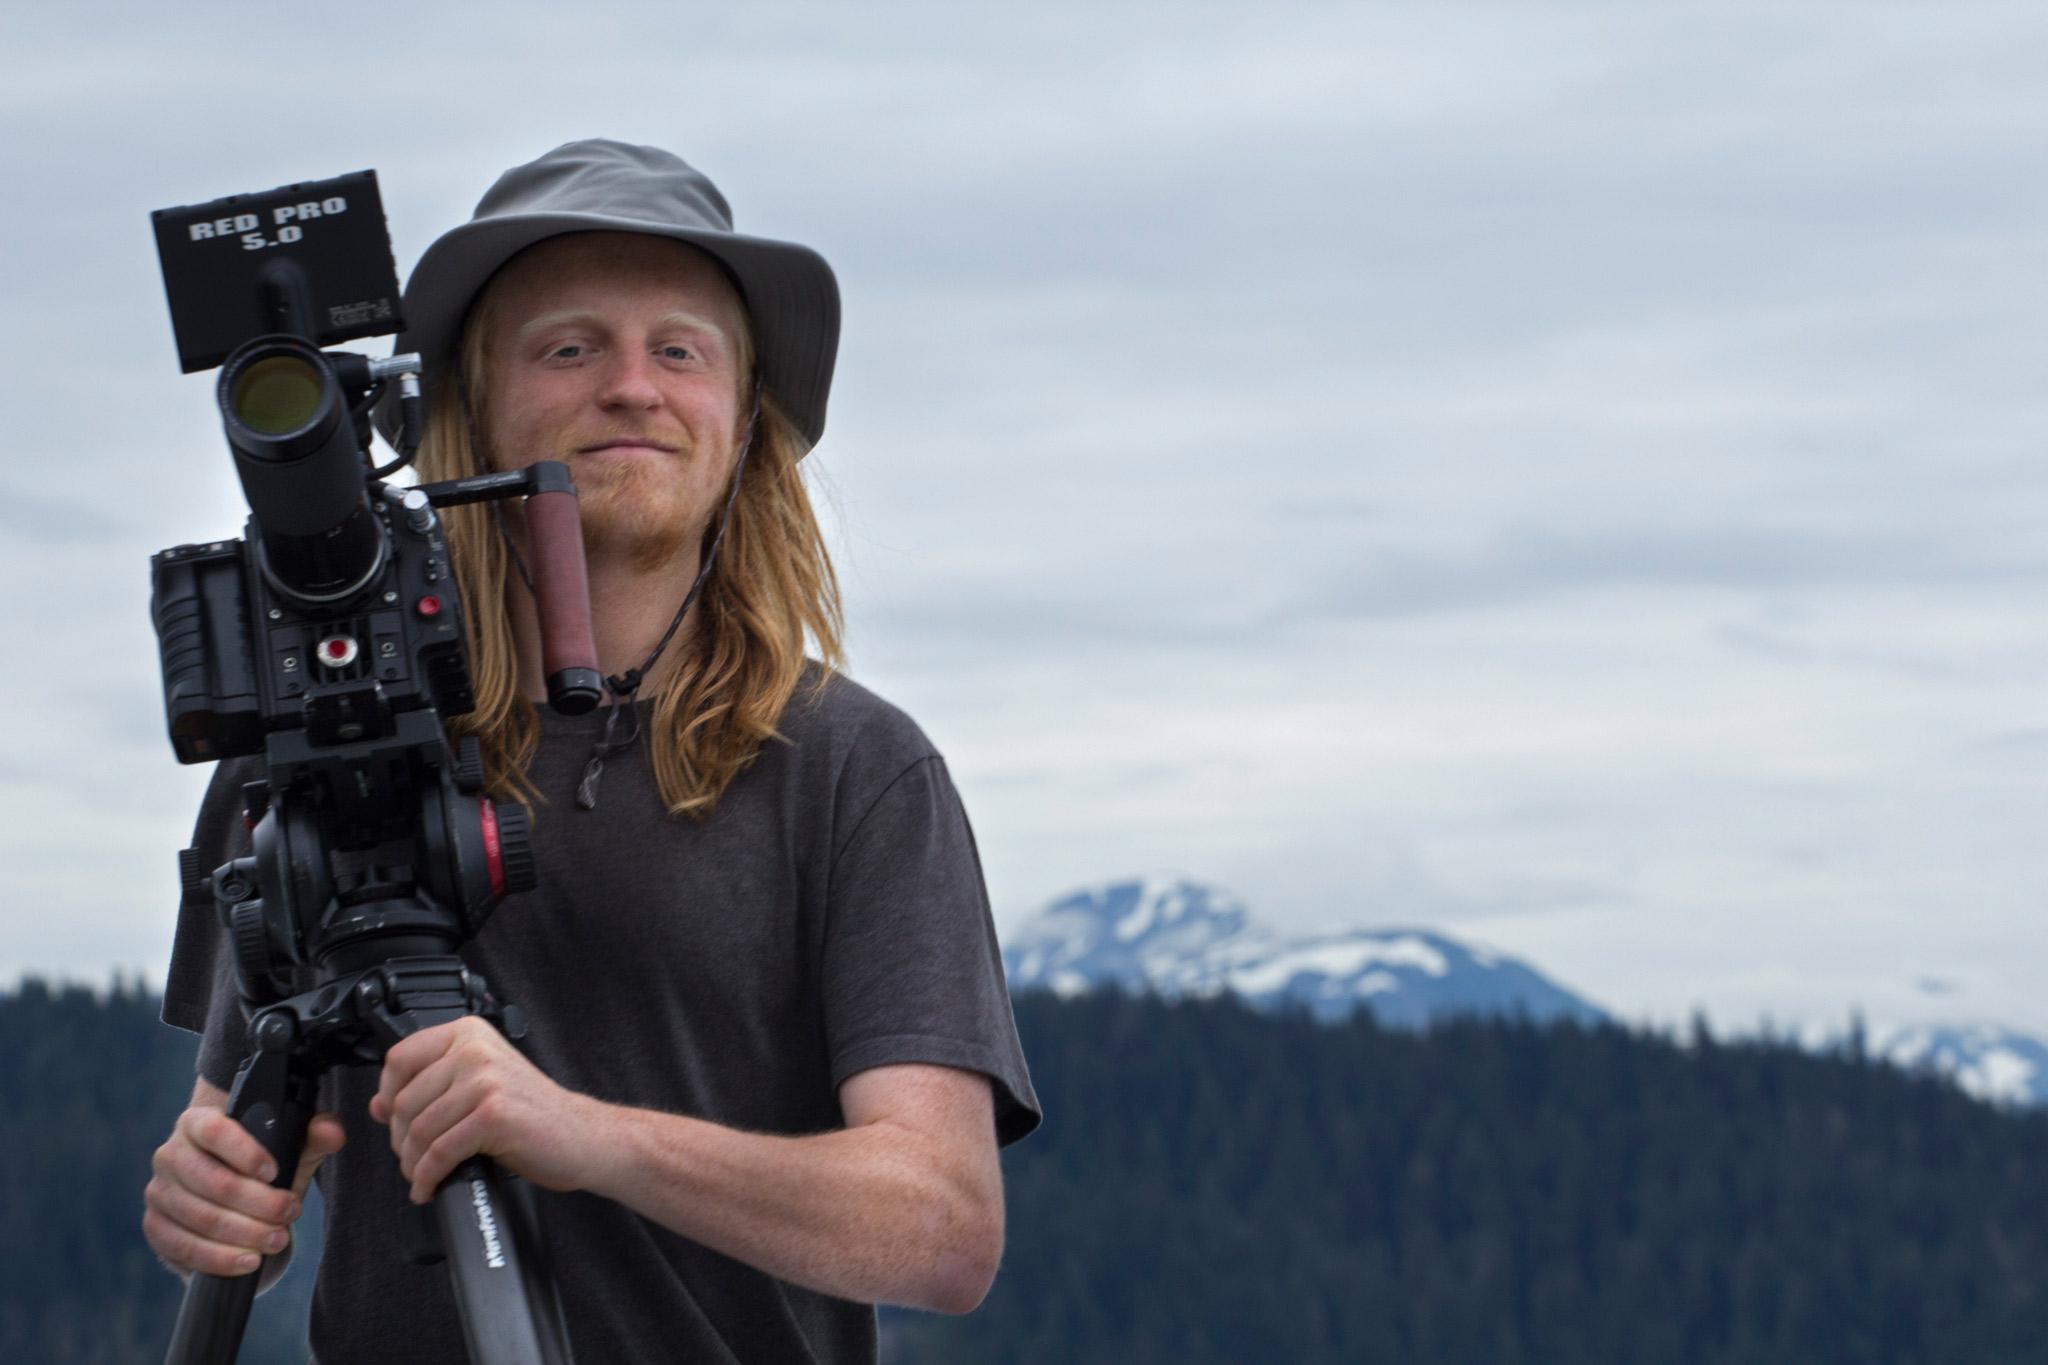 Krepela's filmer: Jacob Callaghan